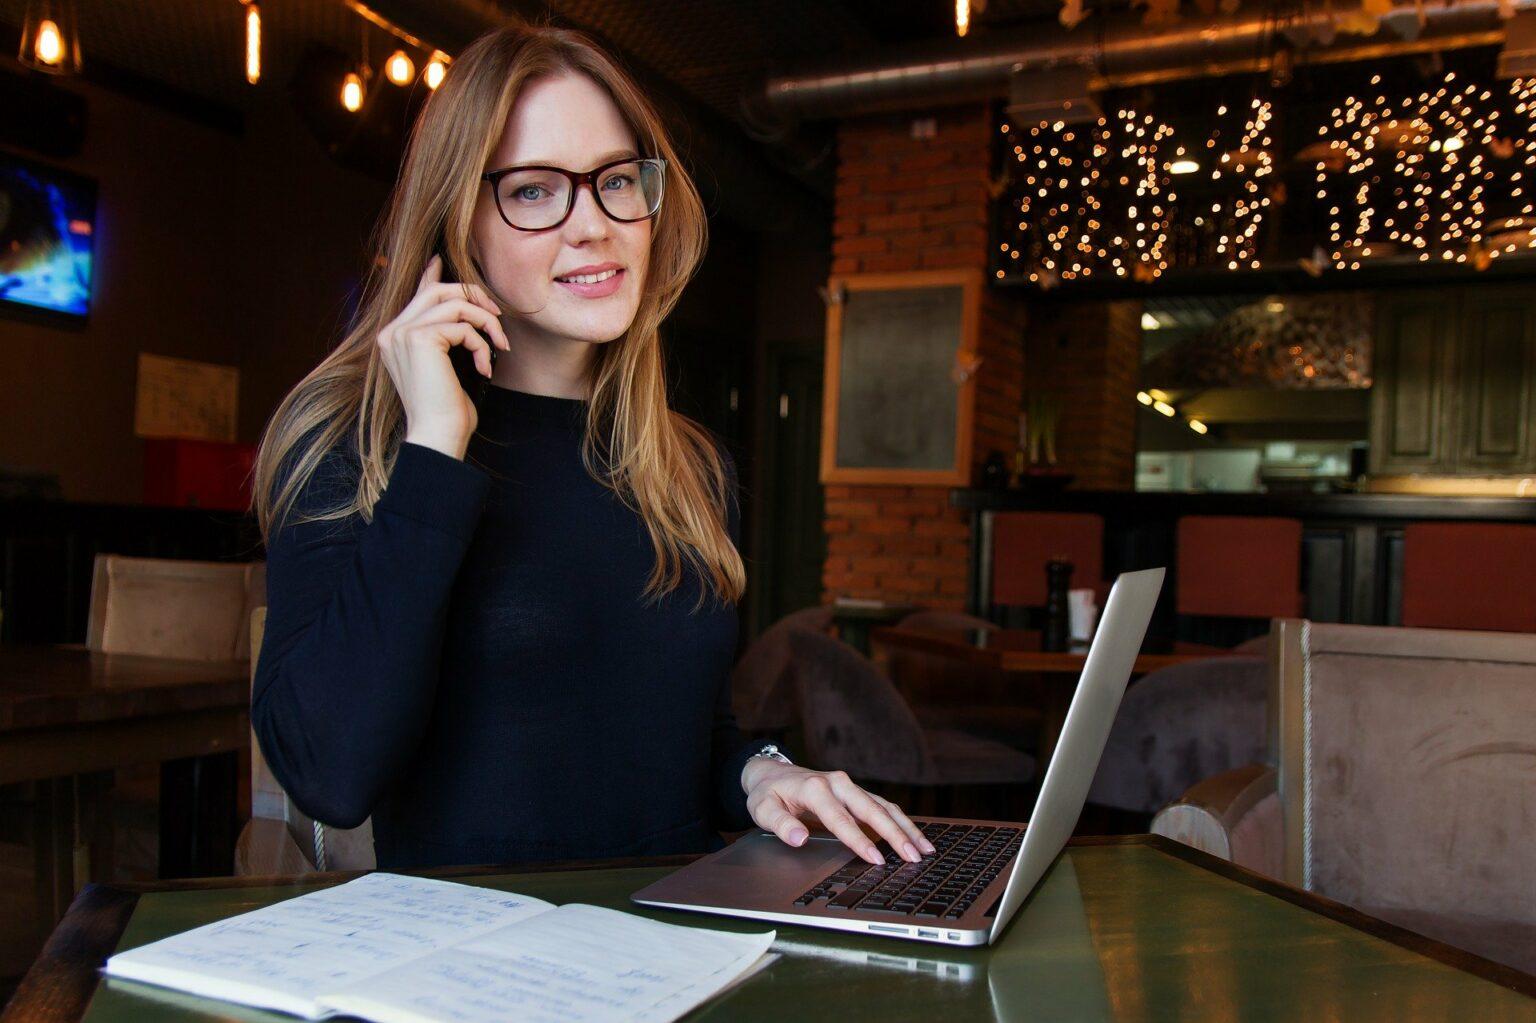 Mulher sentada em uma mesa em frente um computador.